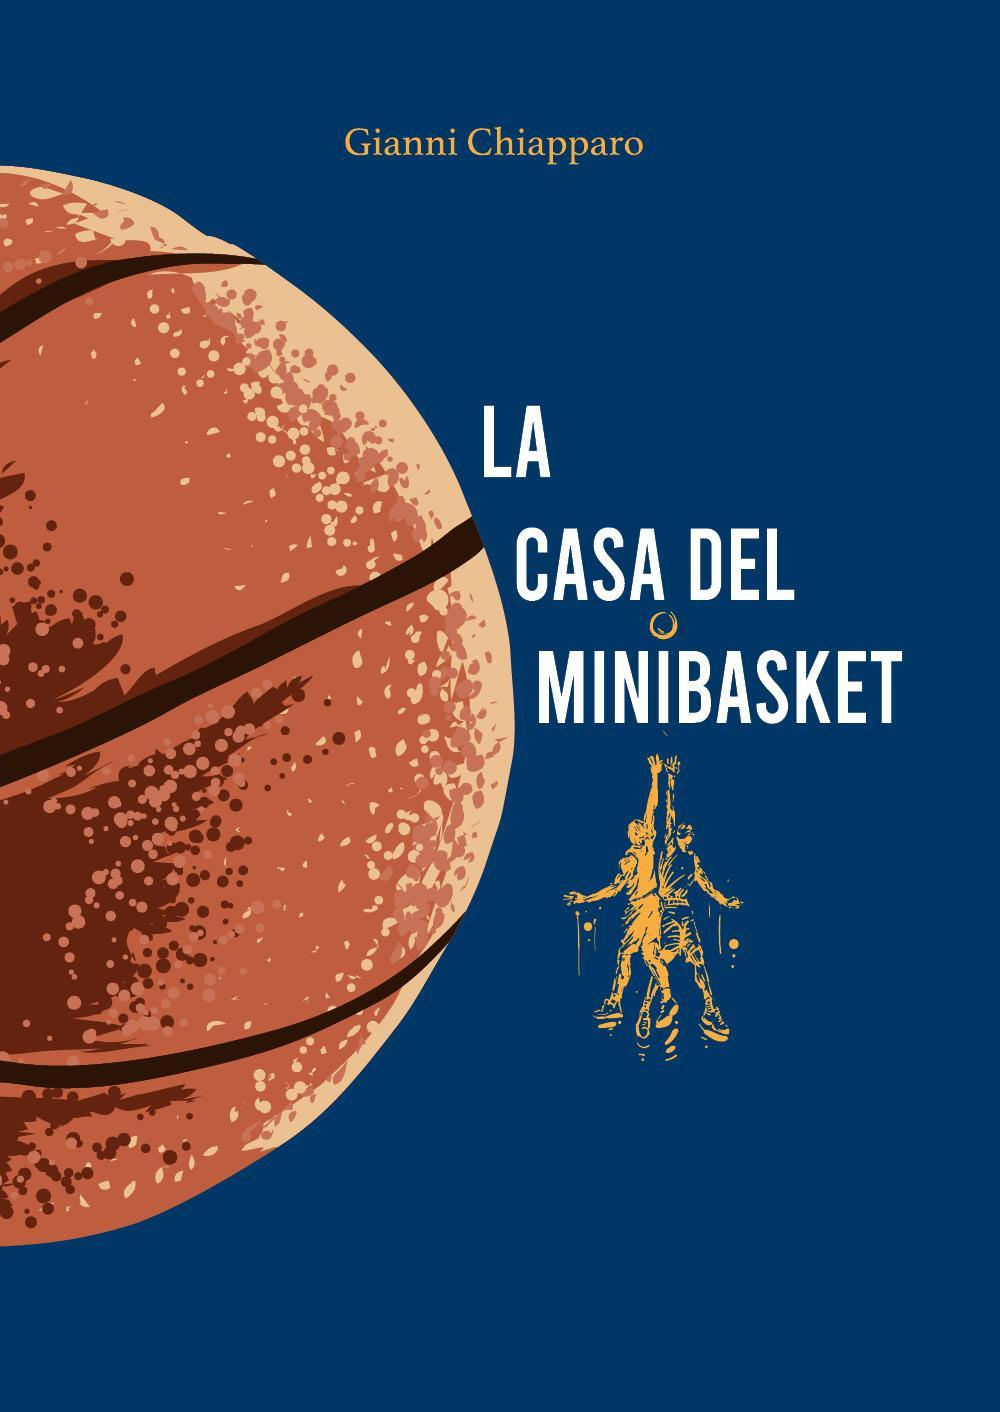 La casa del Minibasket - Giocatori tutti